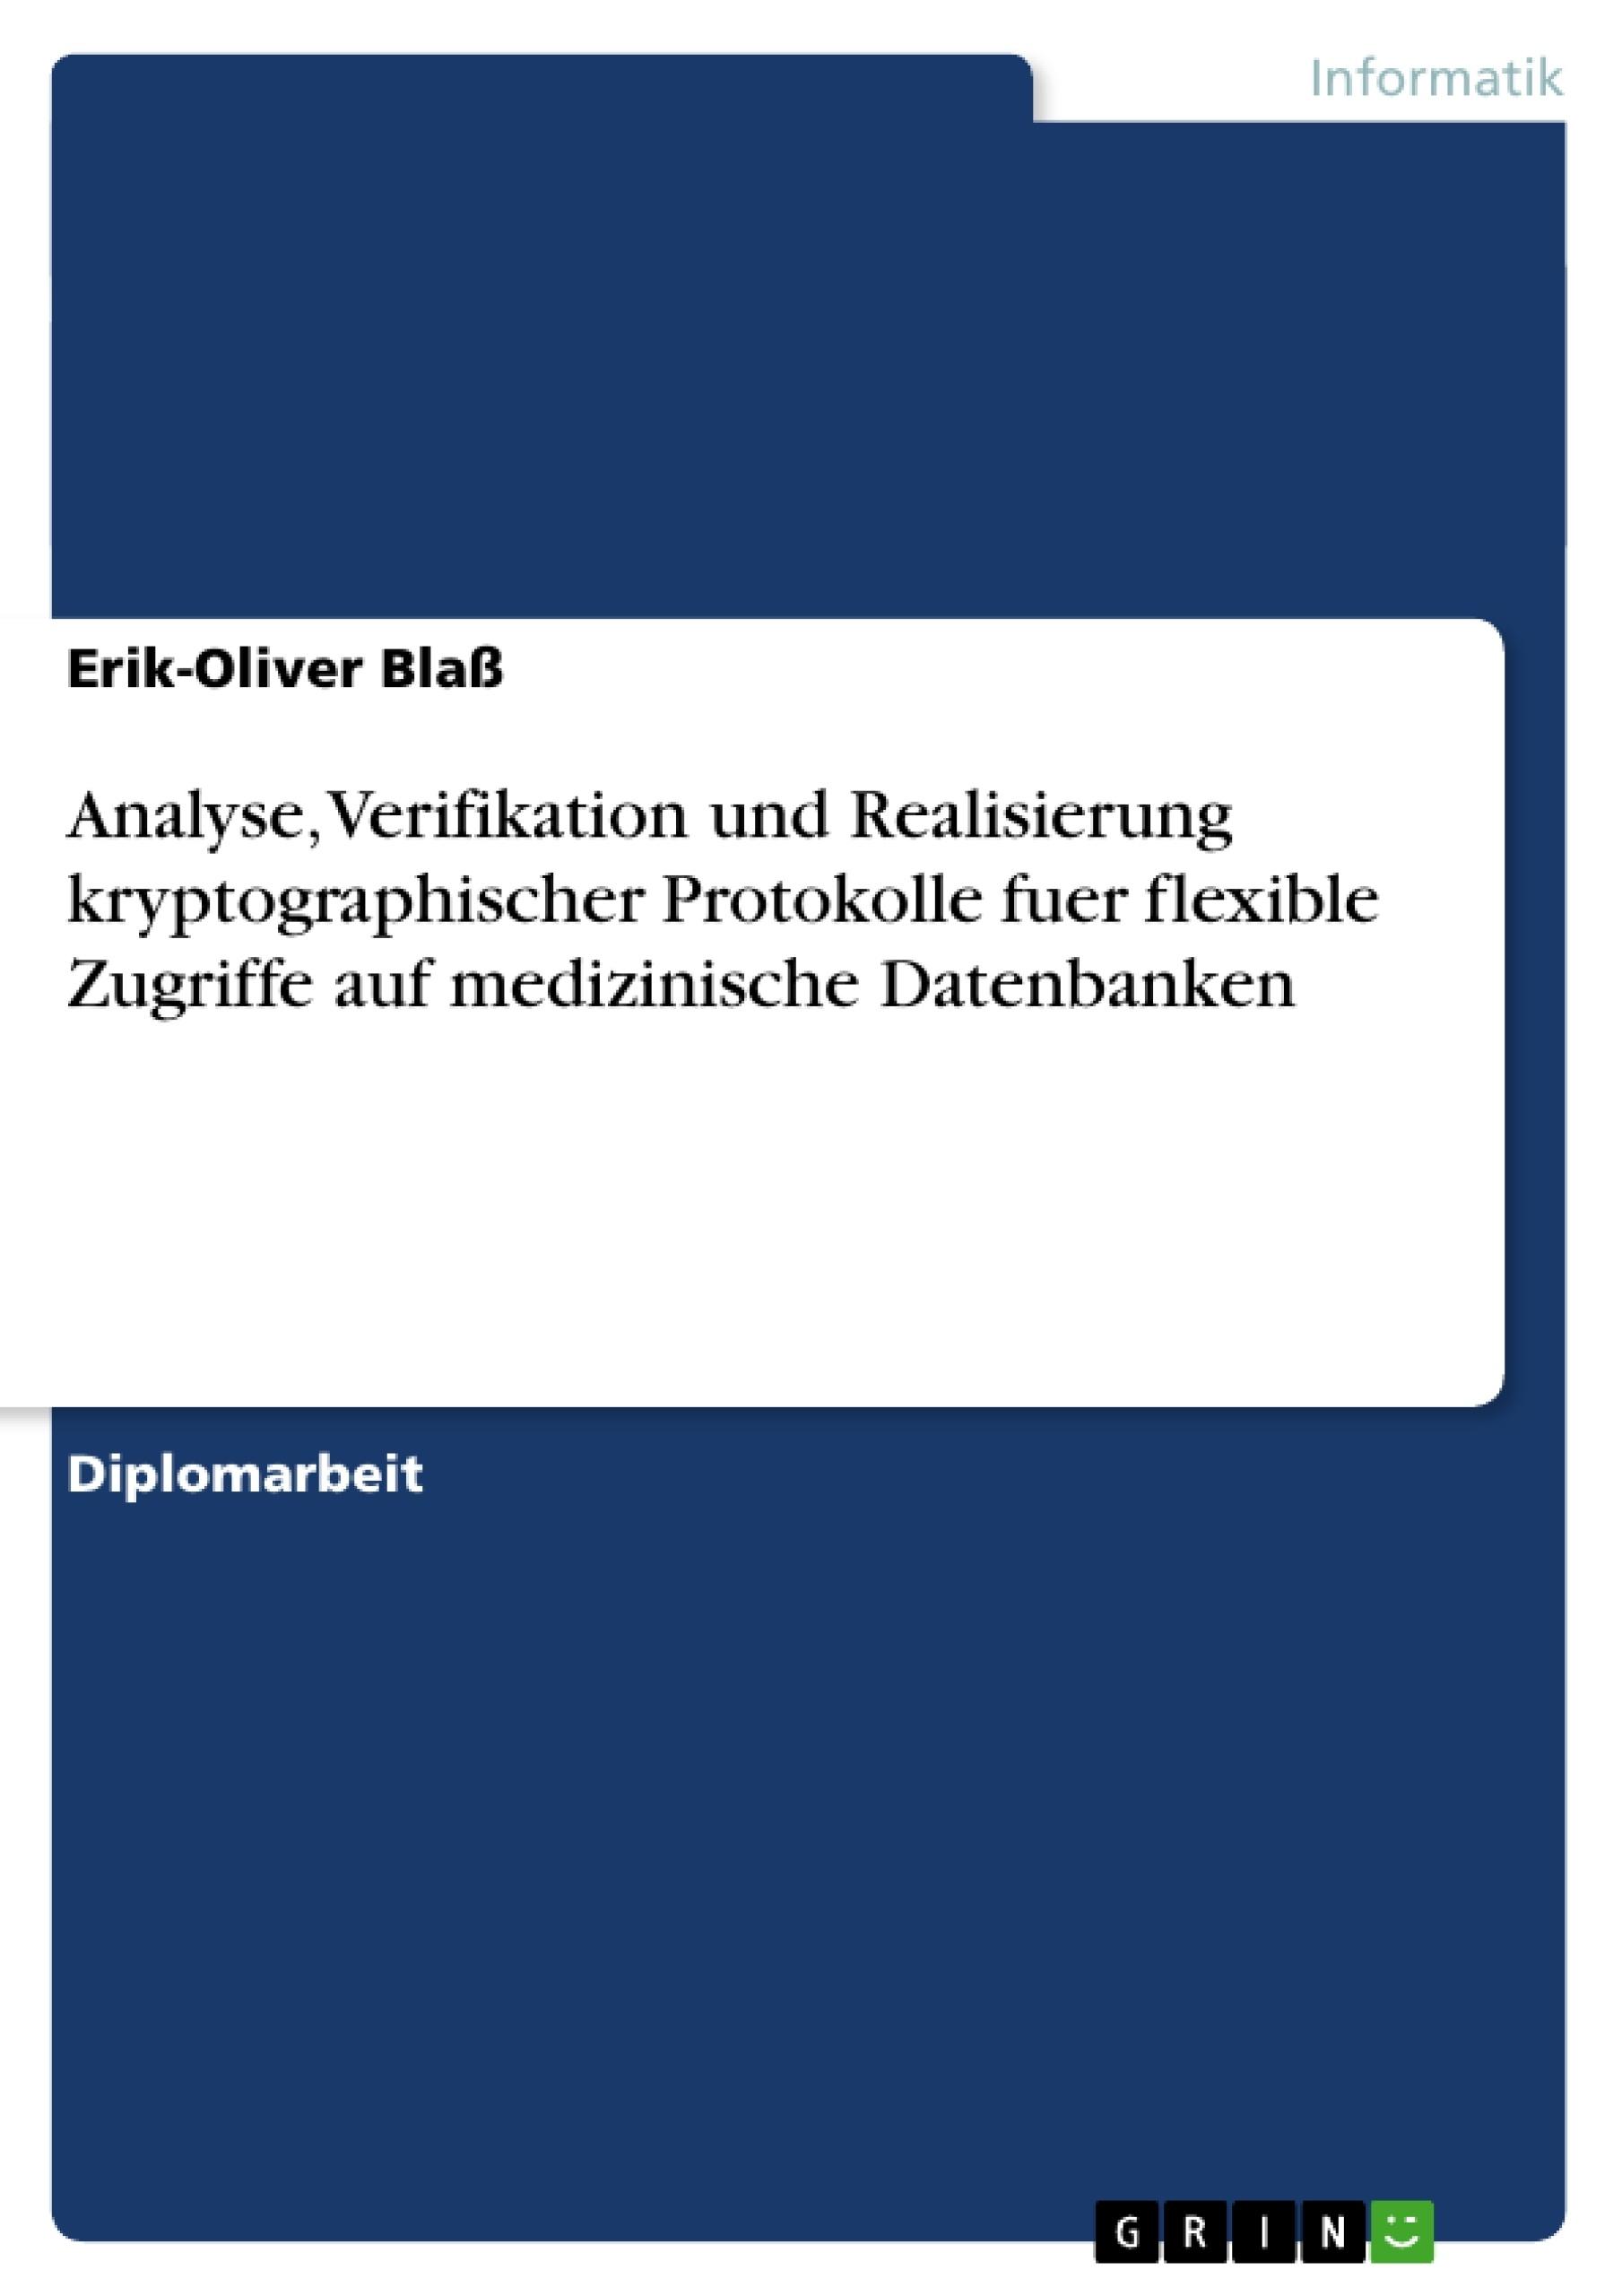 Titel: Analyse, Verifikation und Realisierung kryptographischer Protokolle fuer flexible Zugriffe auf medizinische Datenbanken